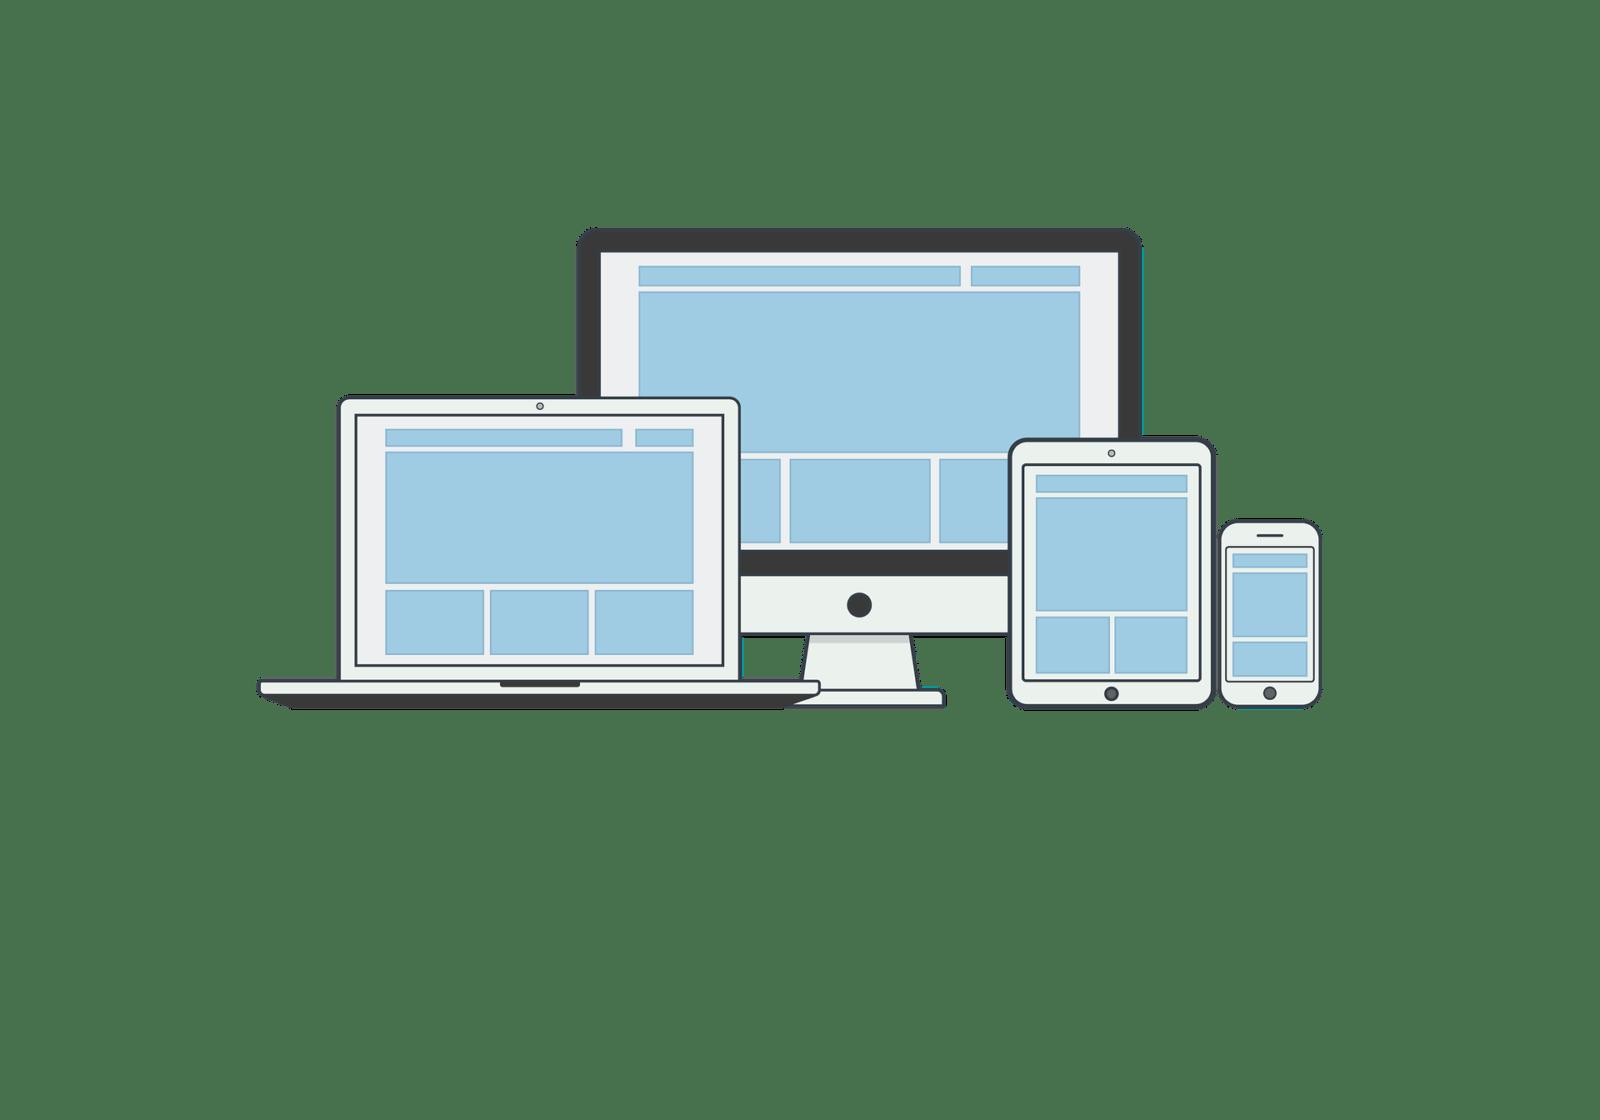 Basit Web Tasarımı Oluşturmak İçin 4 İpucu